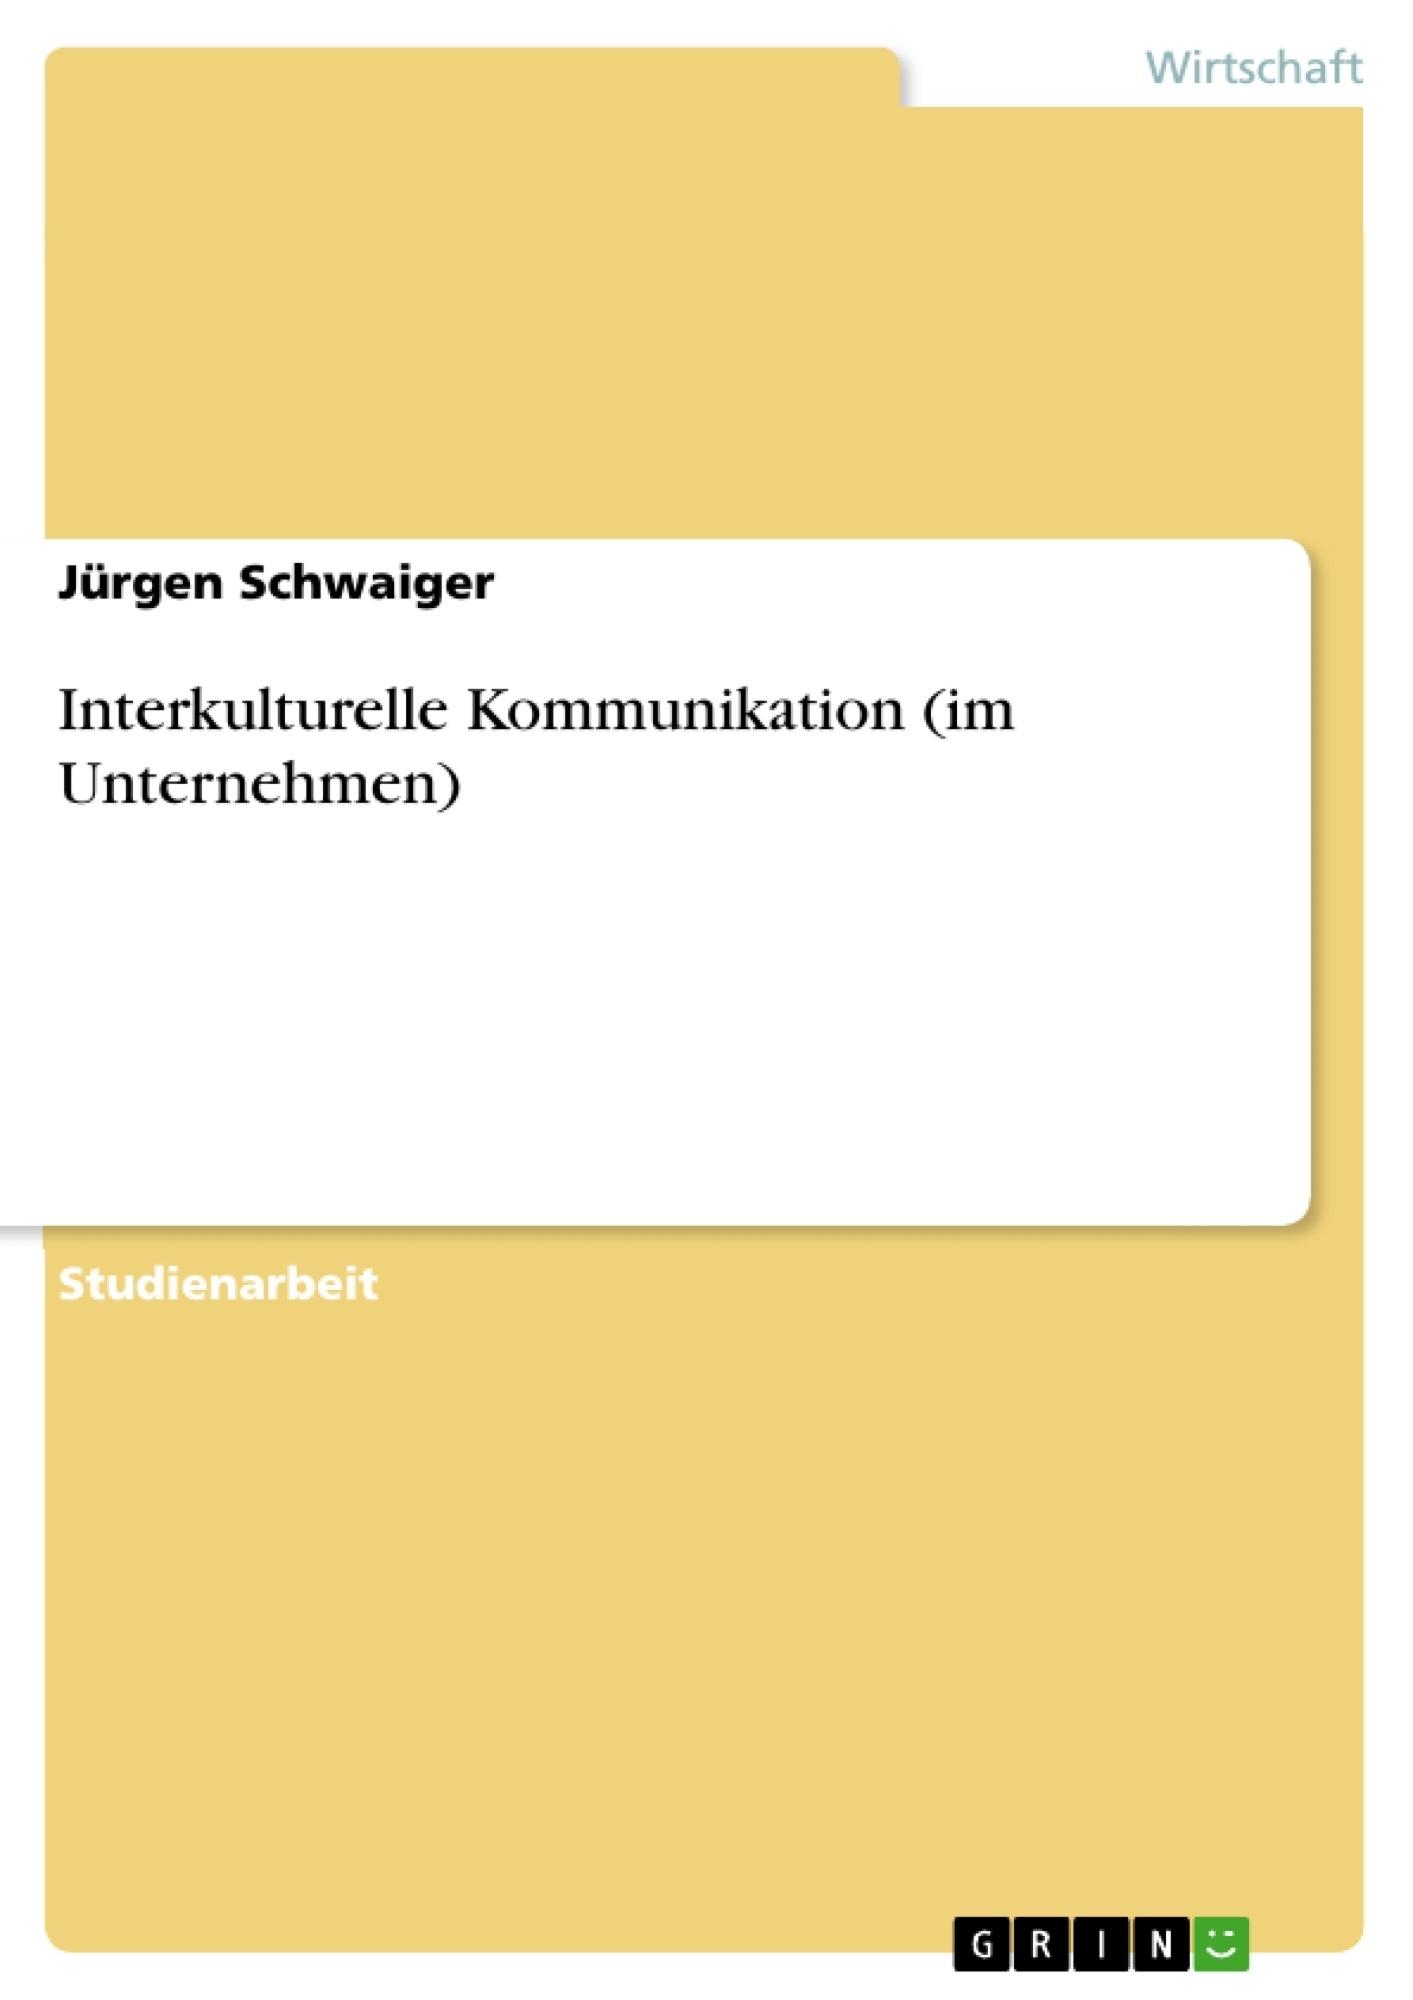 Interkulturelle Kommunikation (im Unternehmen) | Masterarbeit ...